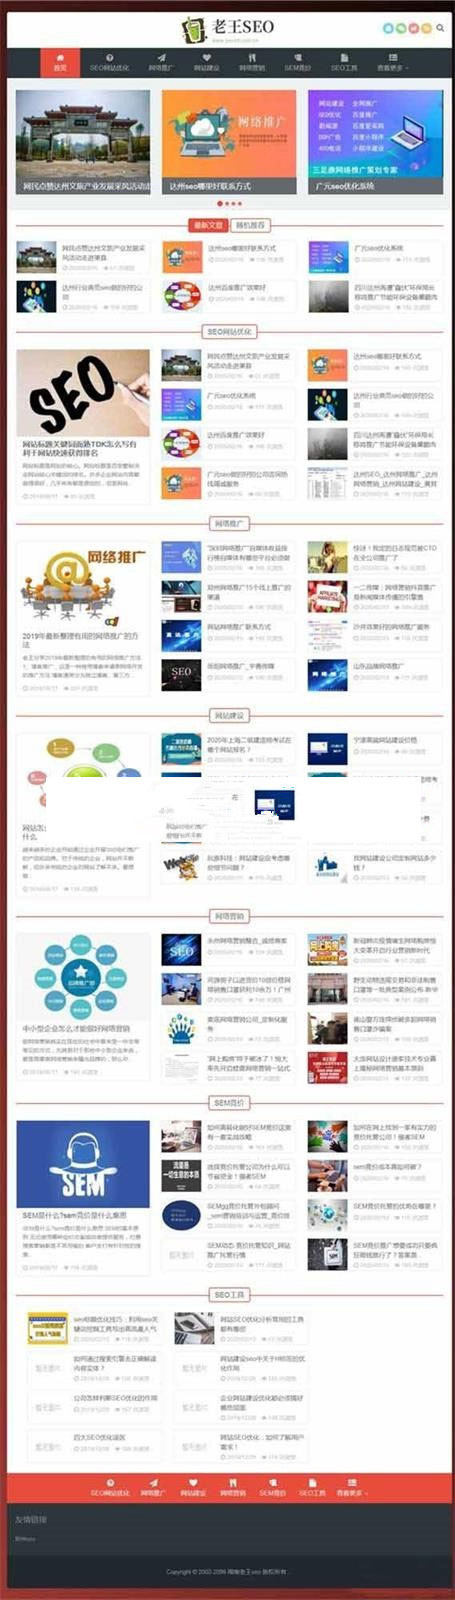 【织梦SEO技术博客】最新版DEDECMS响应式SEO技术优化文章教程网站源码-蓝汇源码